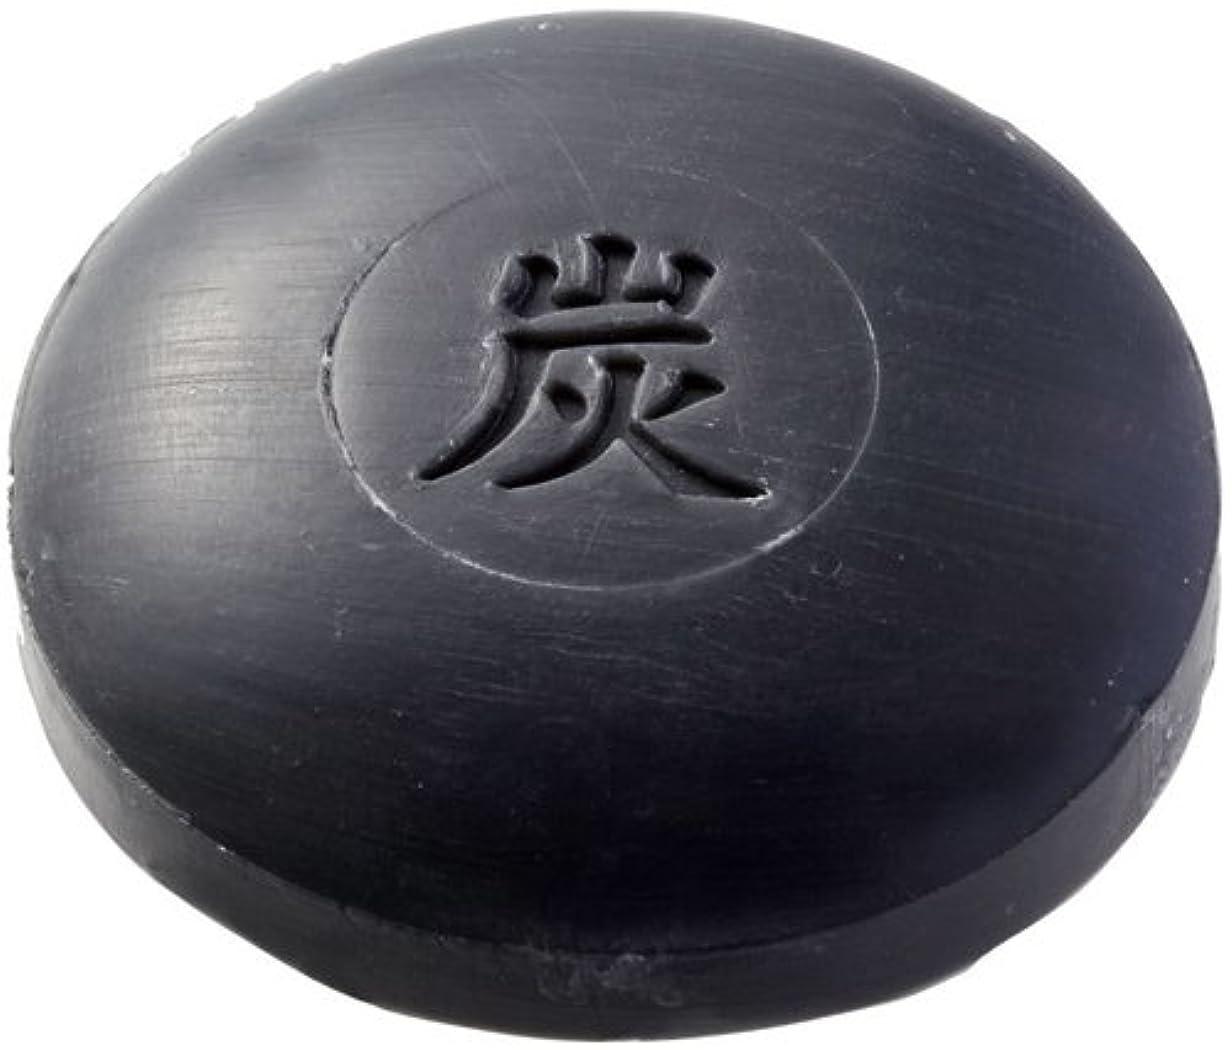 休憩する医薬不規則な和み庵 石けん(炭石けん) 30g×20個